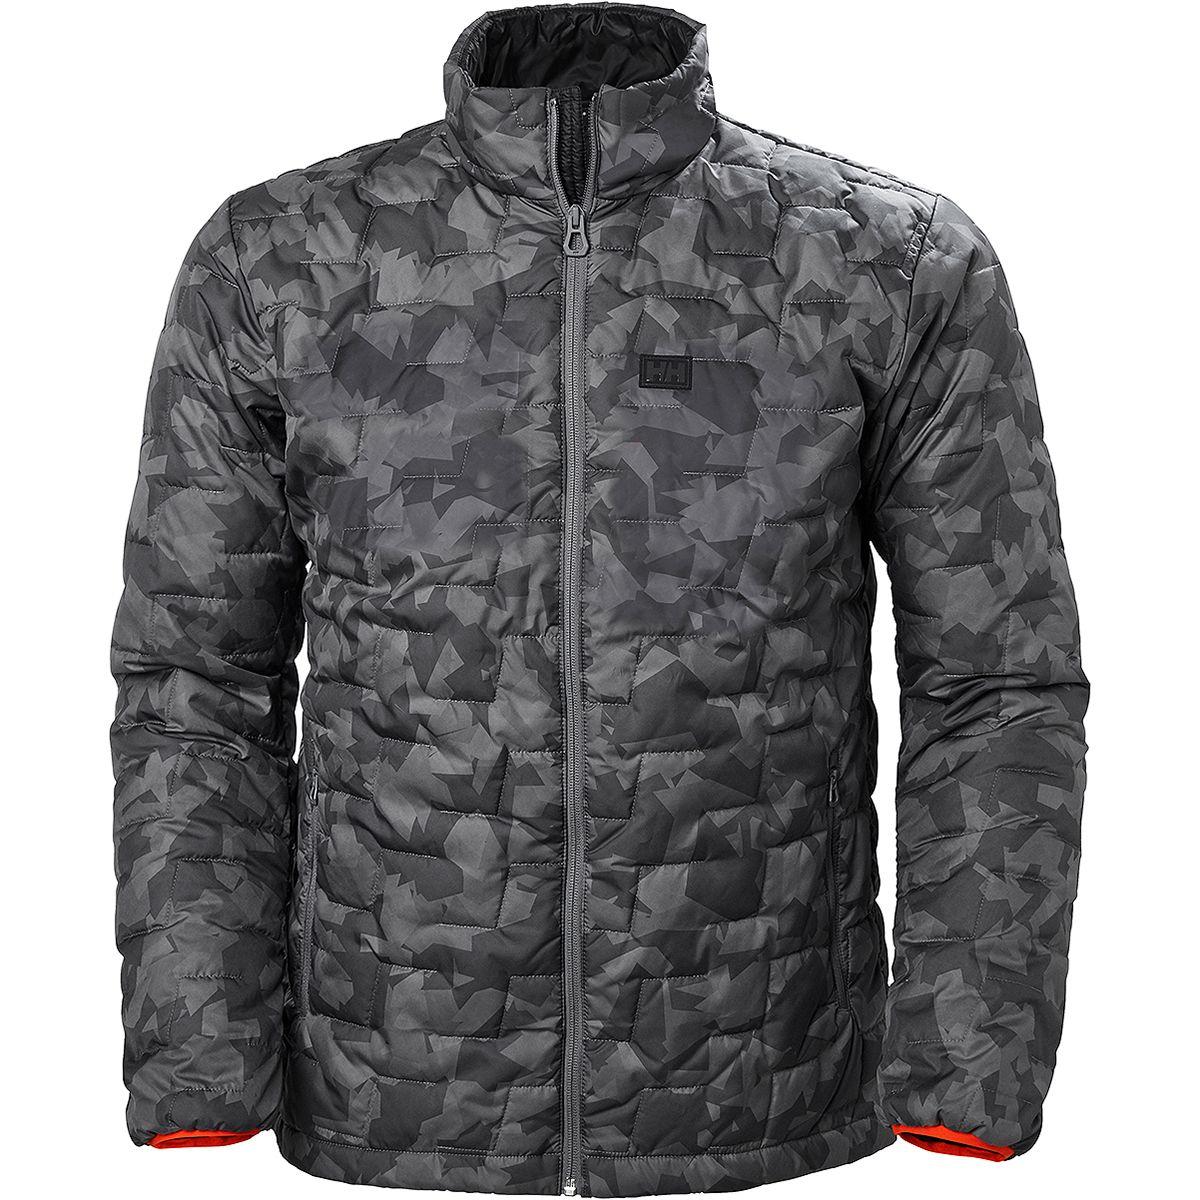 Helly Hansen Lifaloft Insulator Jacket